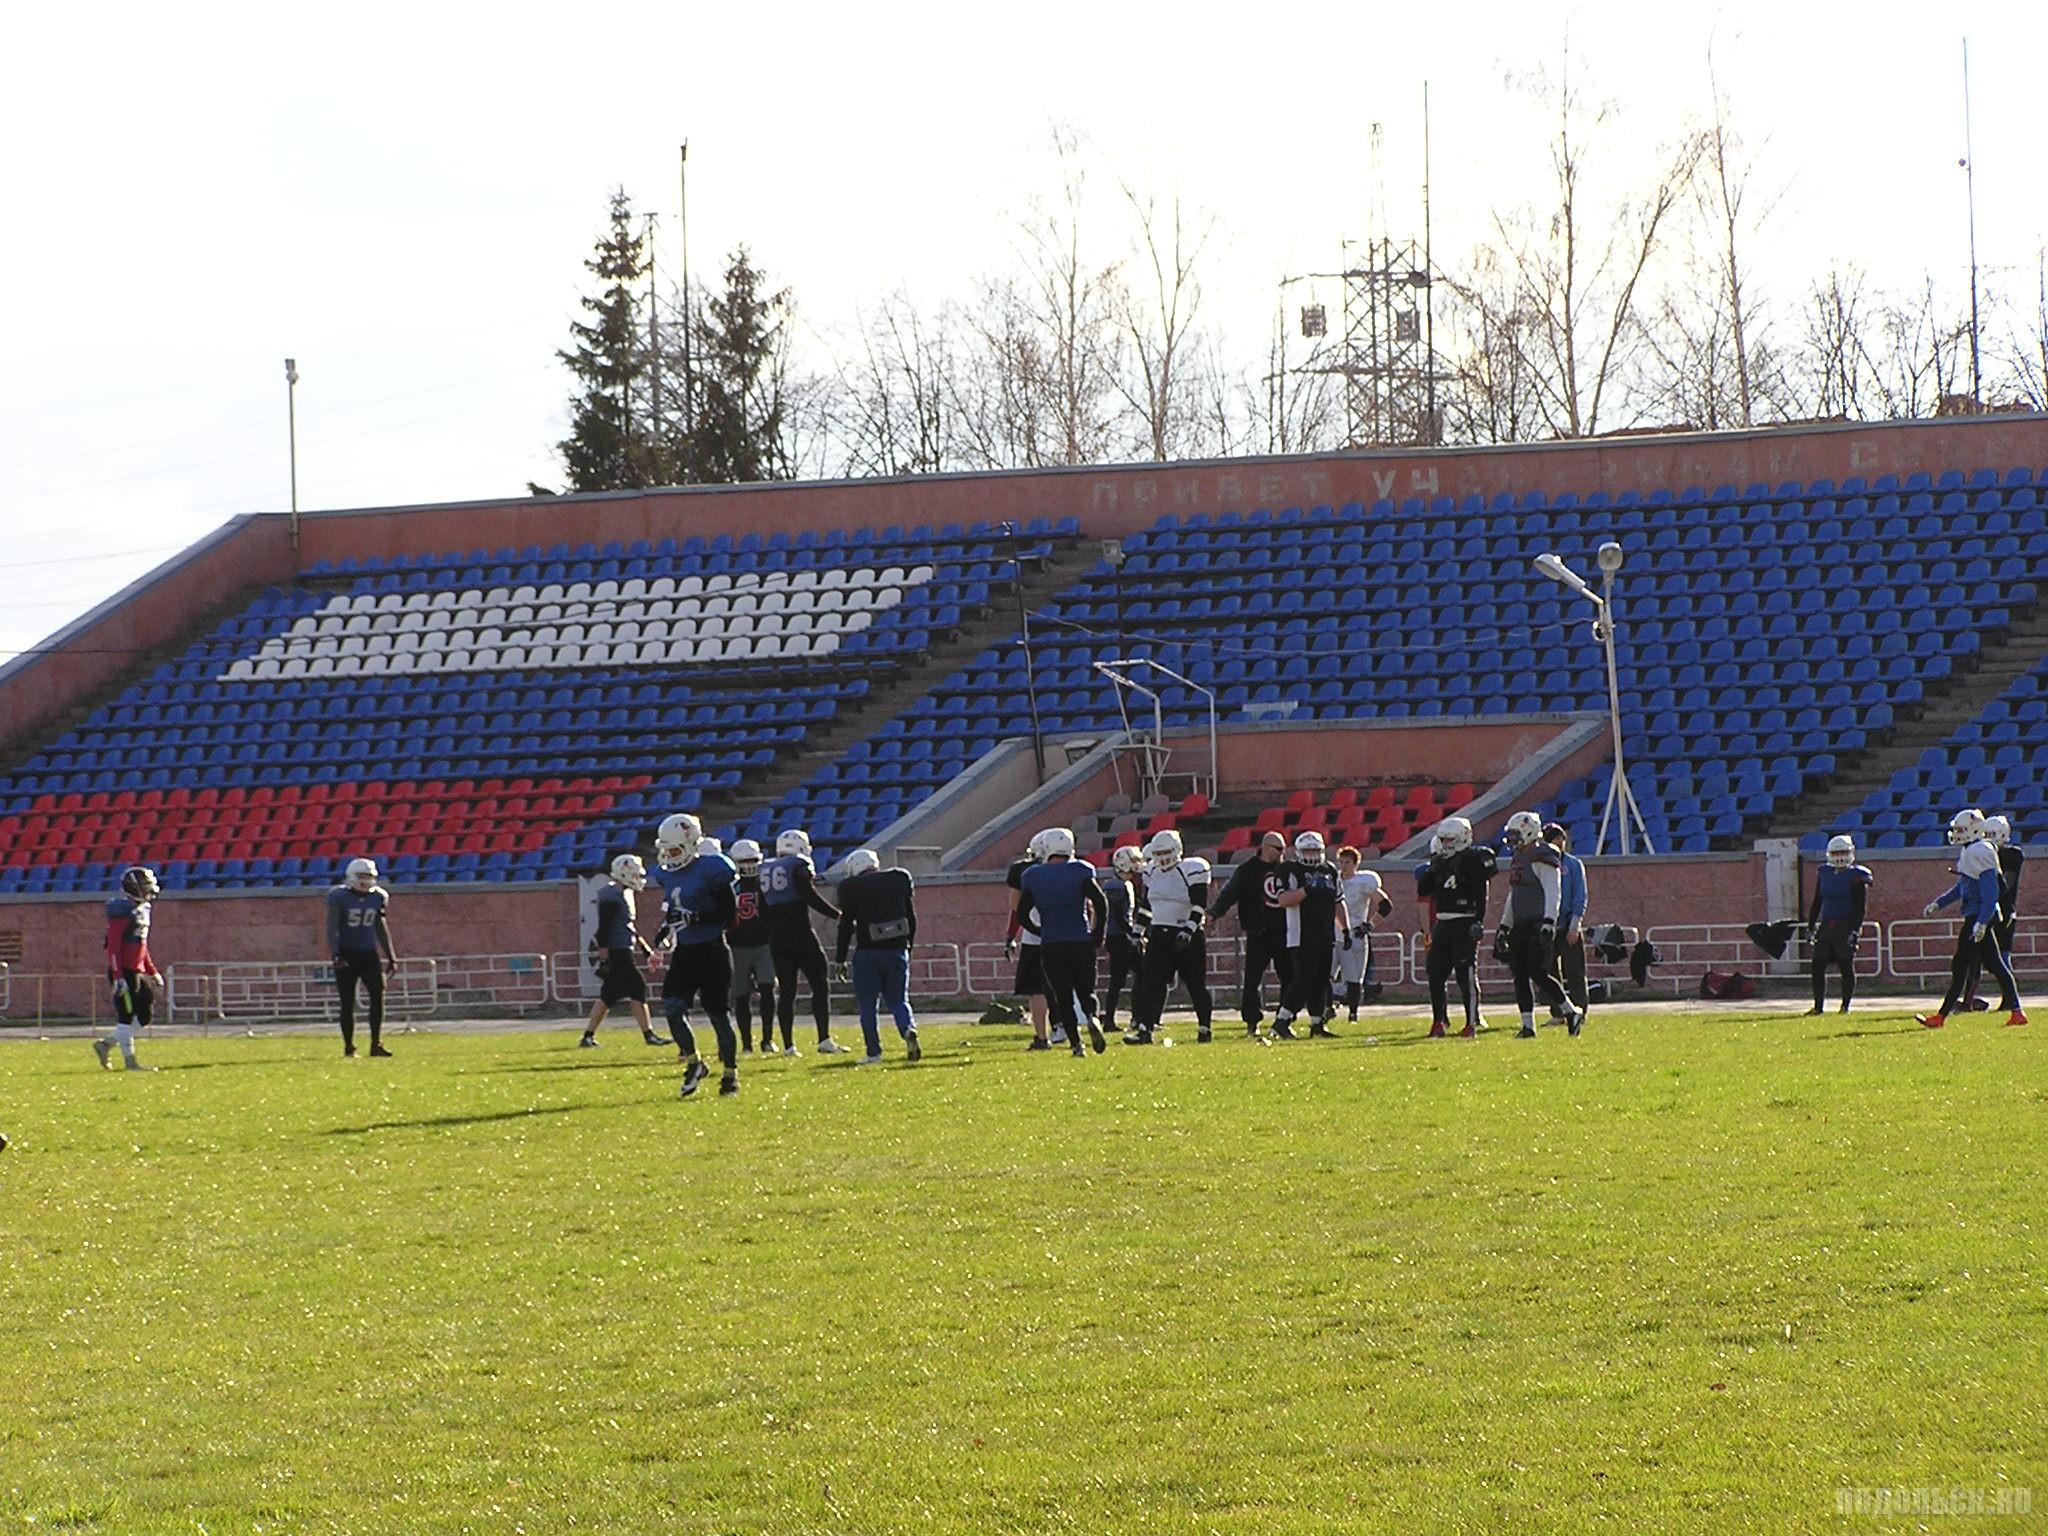 Тренировка по американскому футболу в Климовске. 23.04.16.